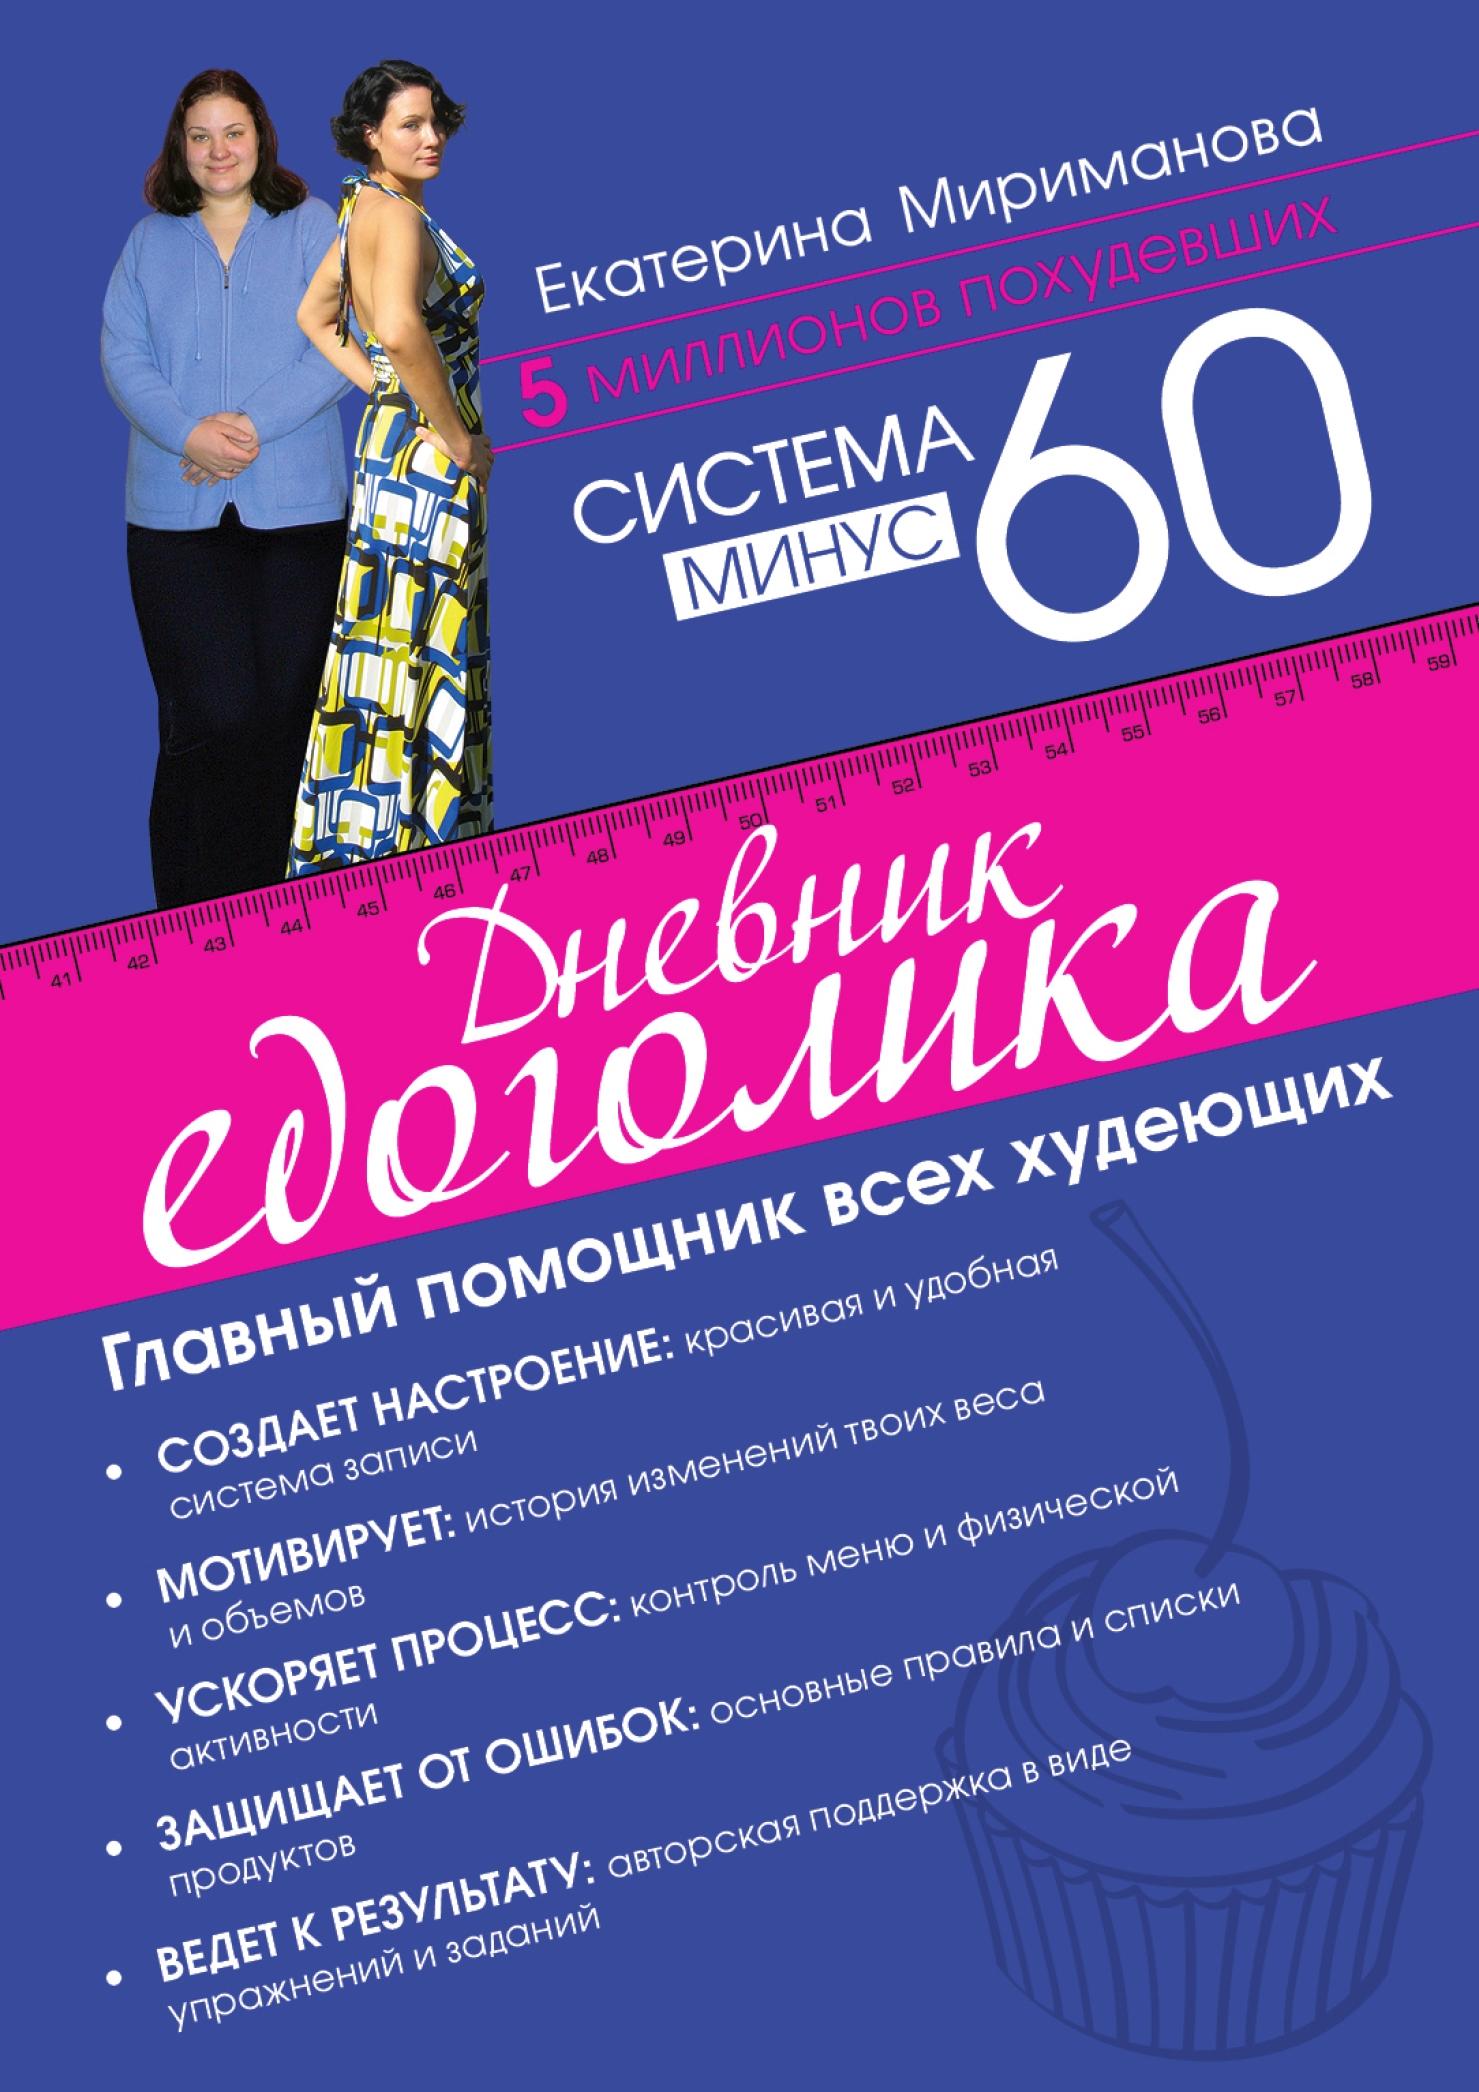 Екатерина Мириманова Система минус 60. Дневник едоголика